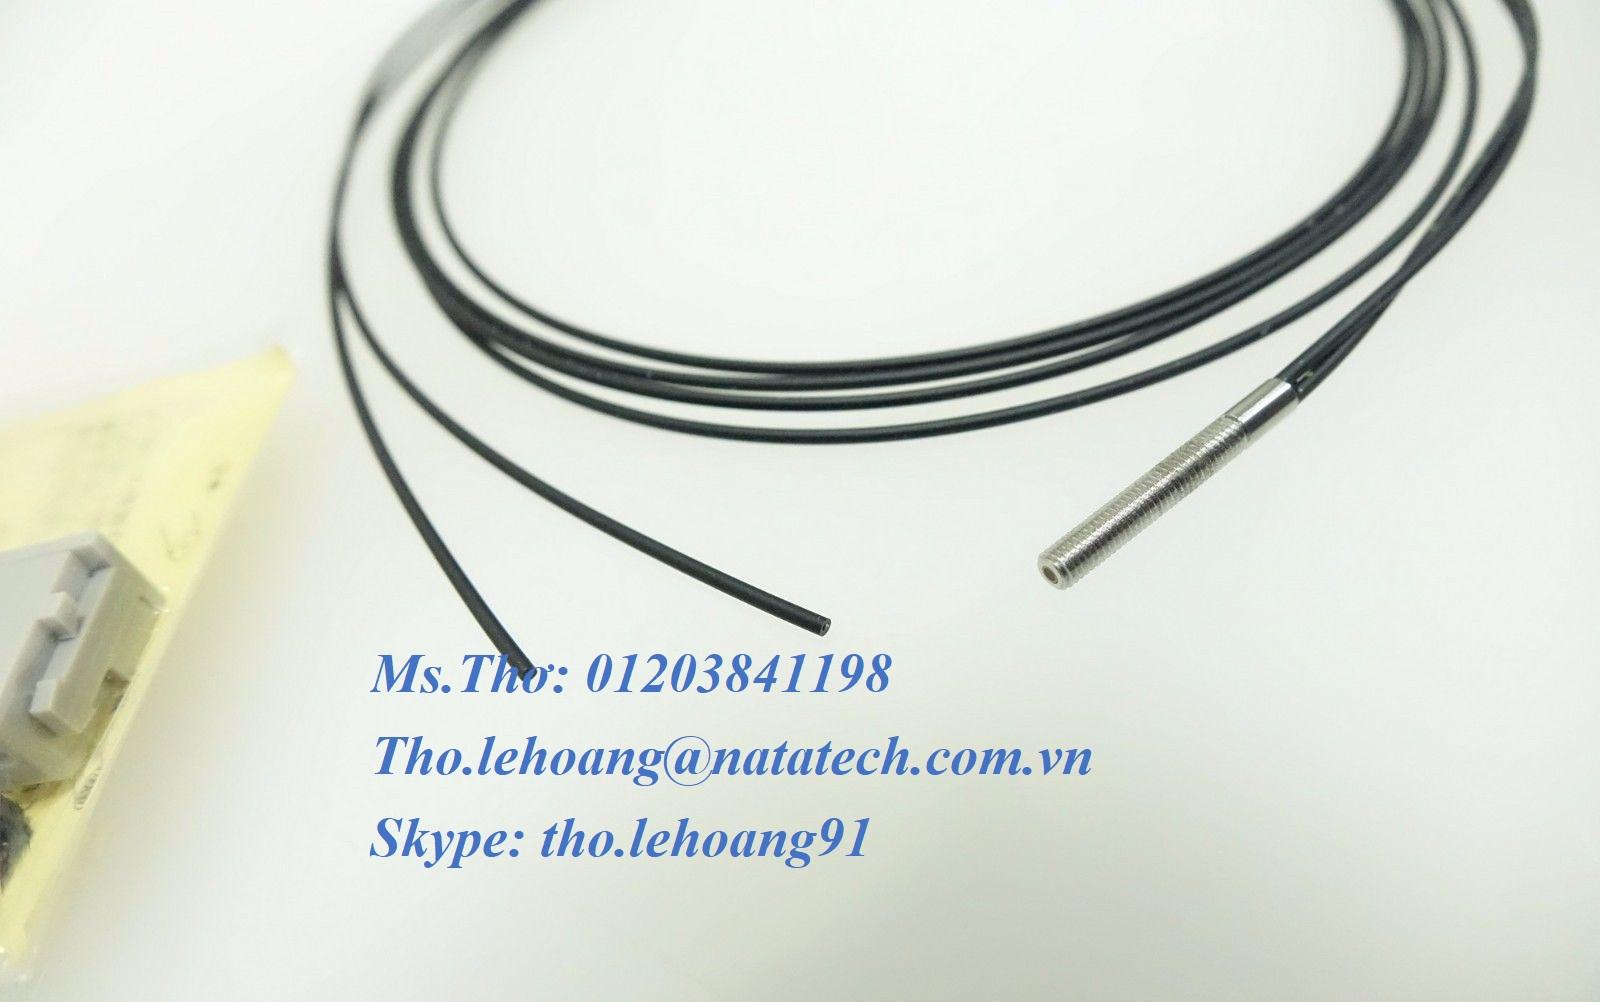 5 Cám biến sợi quang Keyence FU-35FA - Công Ty TNHH Natatech